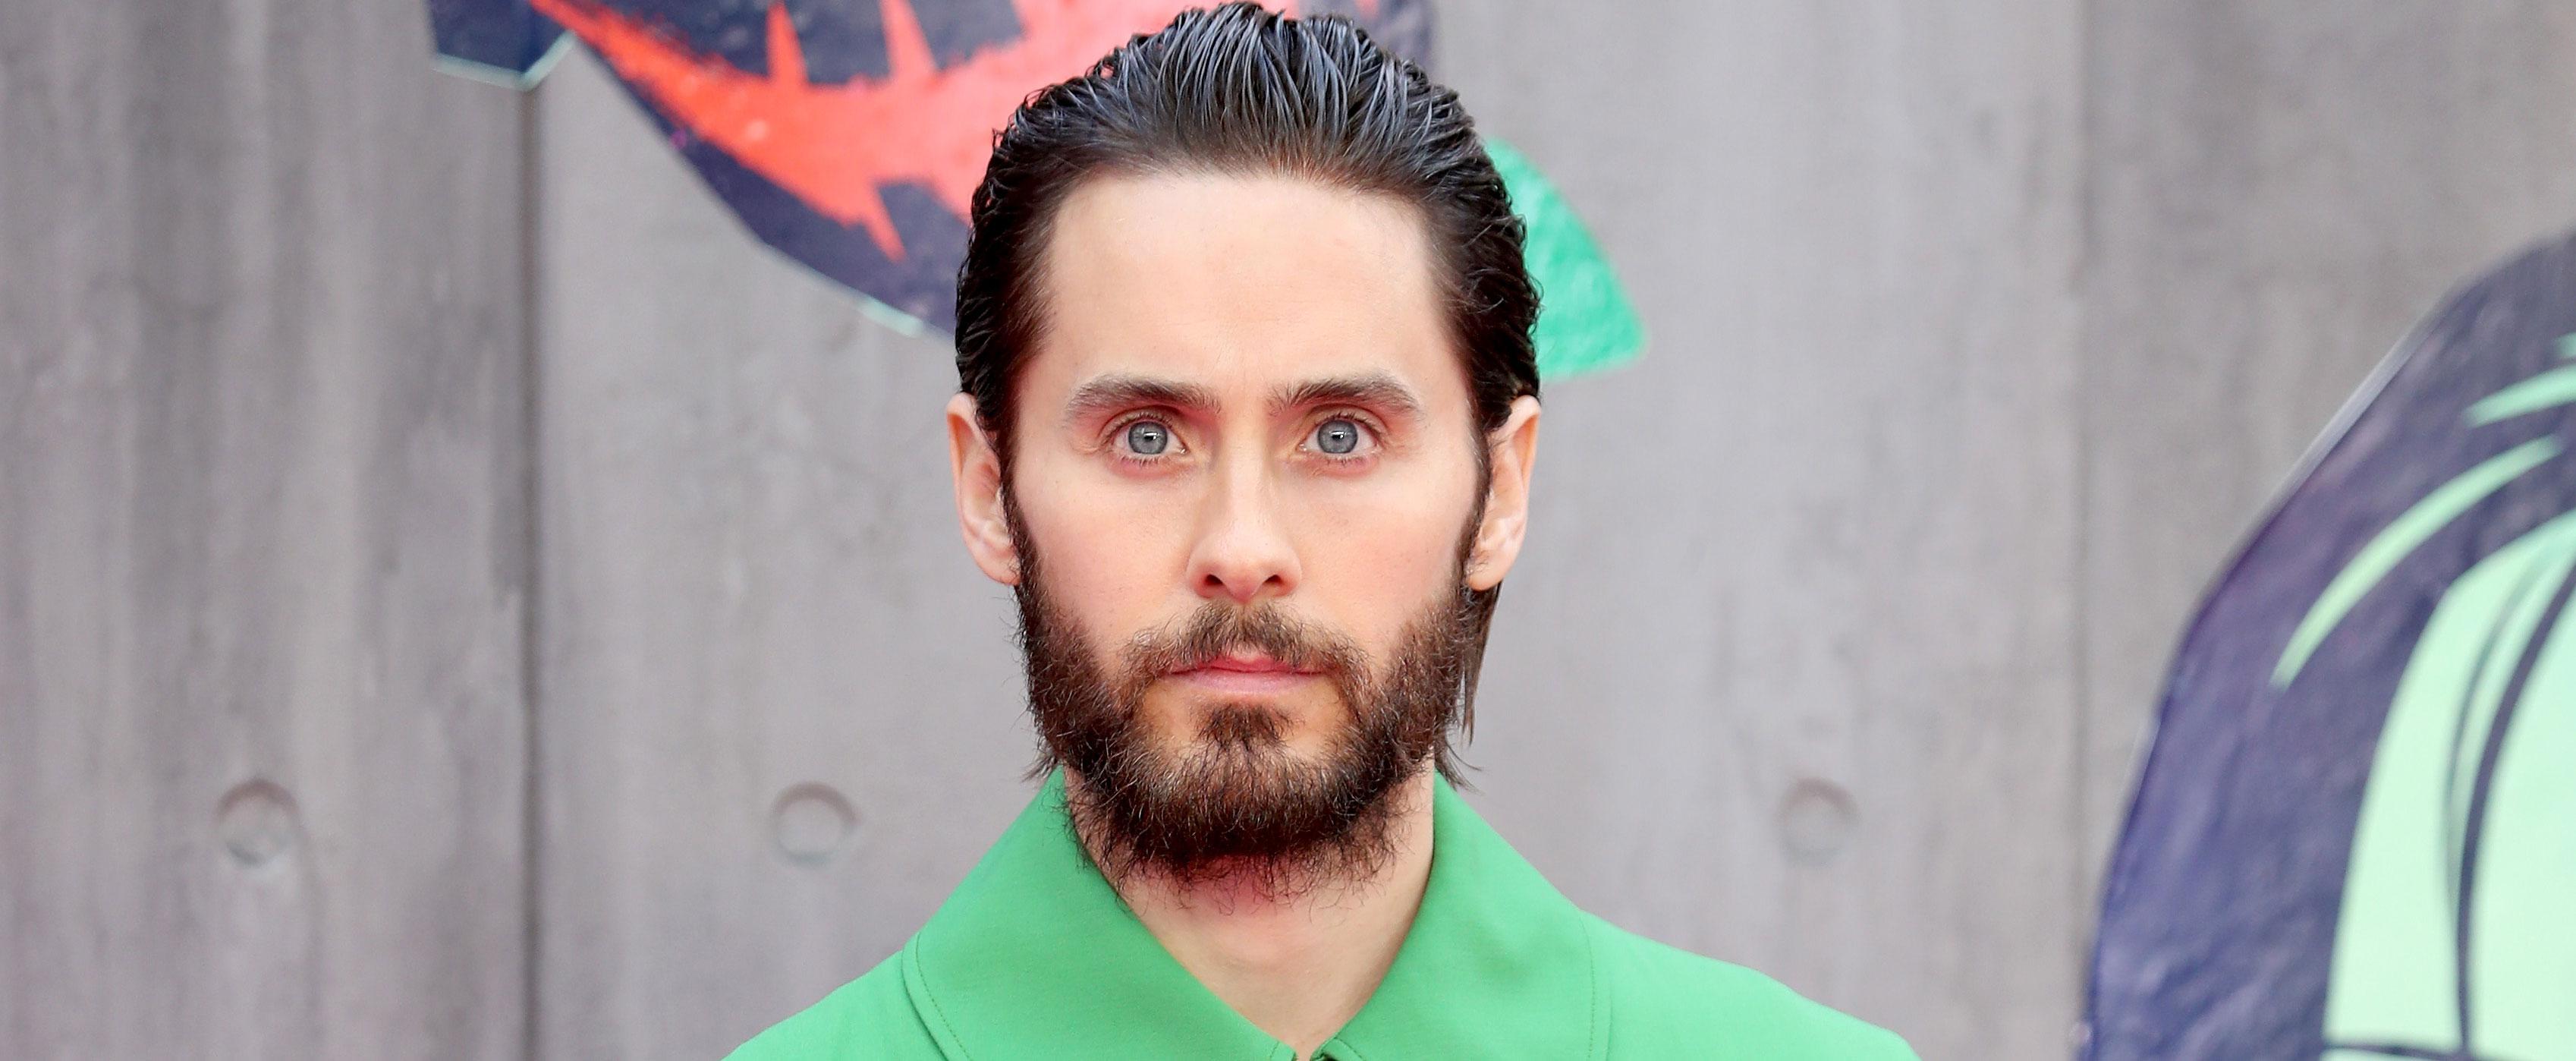 Jared Leto Joins Star-Studded 'Blade Runner' Sequel | Jared Leto ... Jared Leto